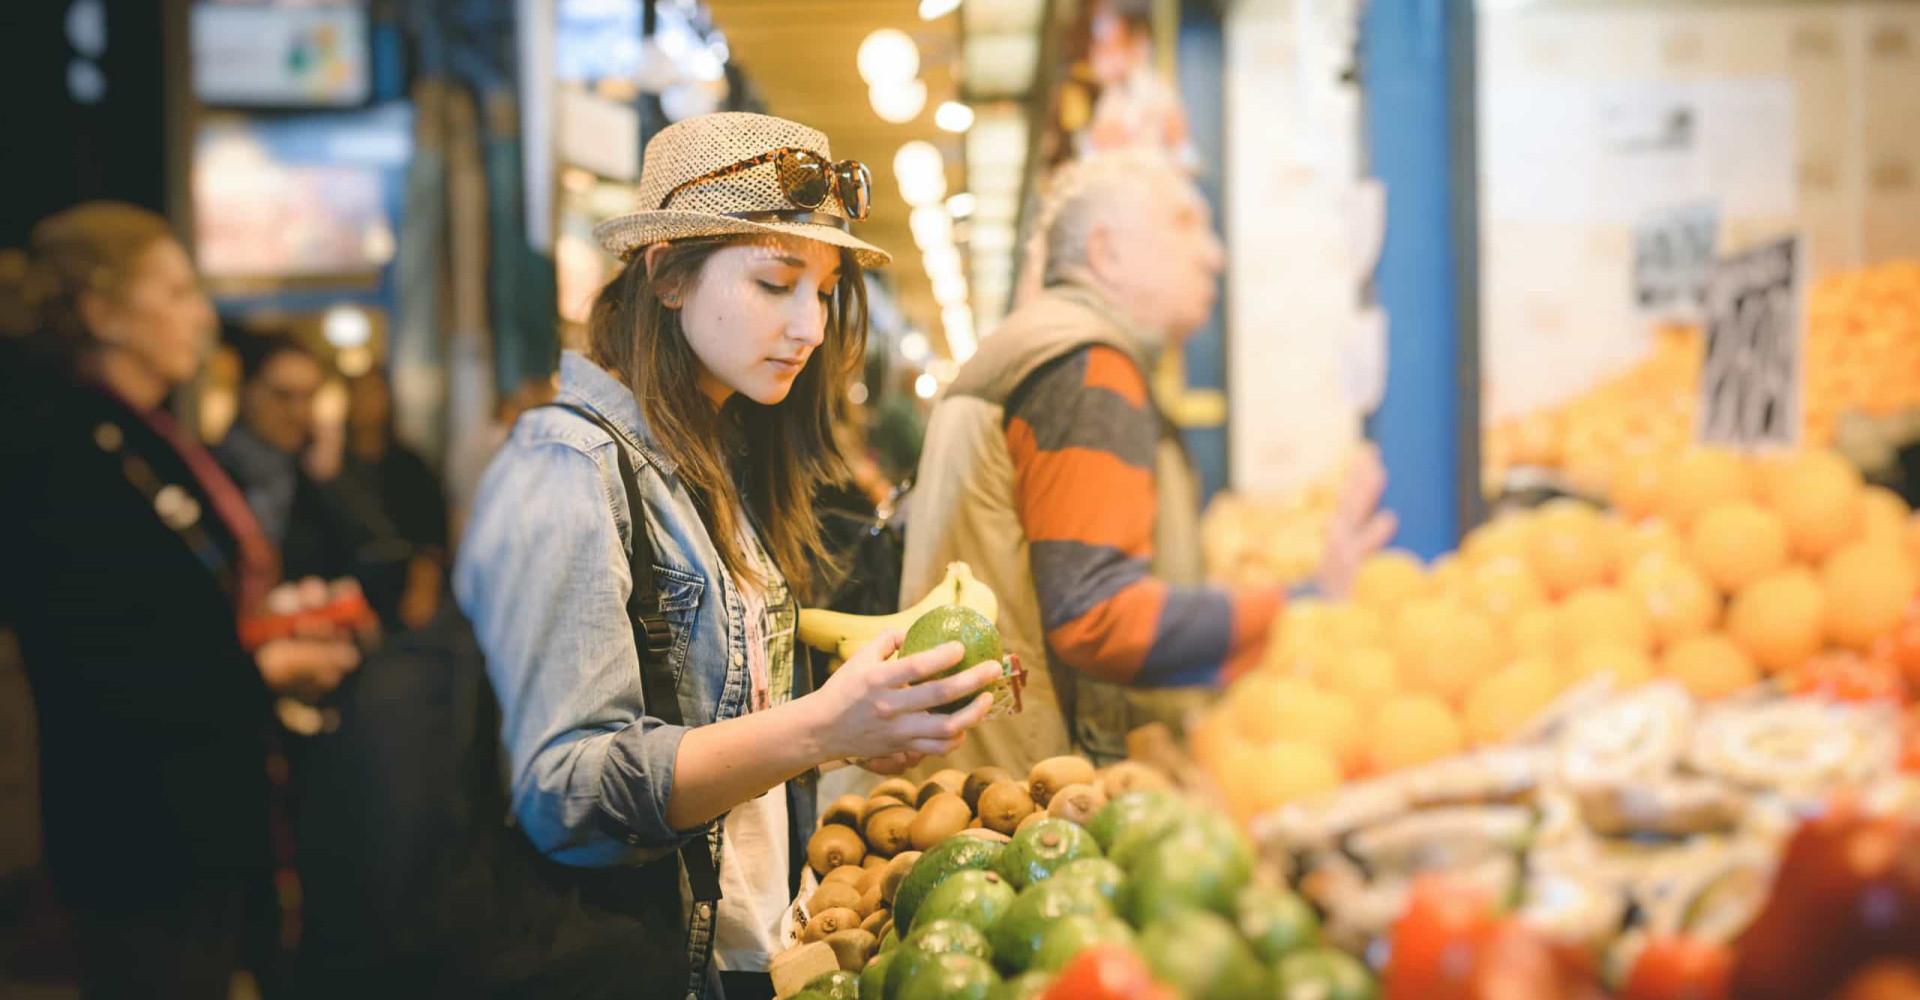 Vegansk måned: Veganvennlige destinasjoner å reise til i 2018